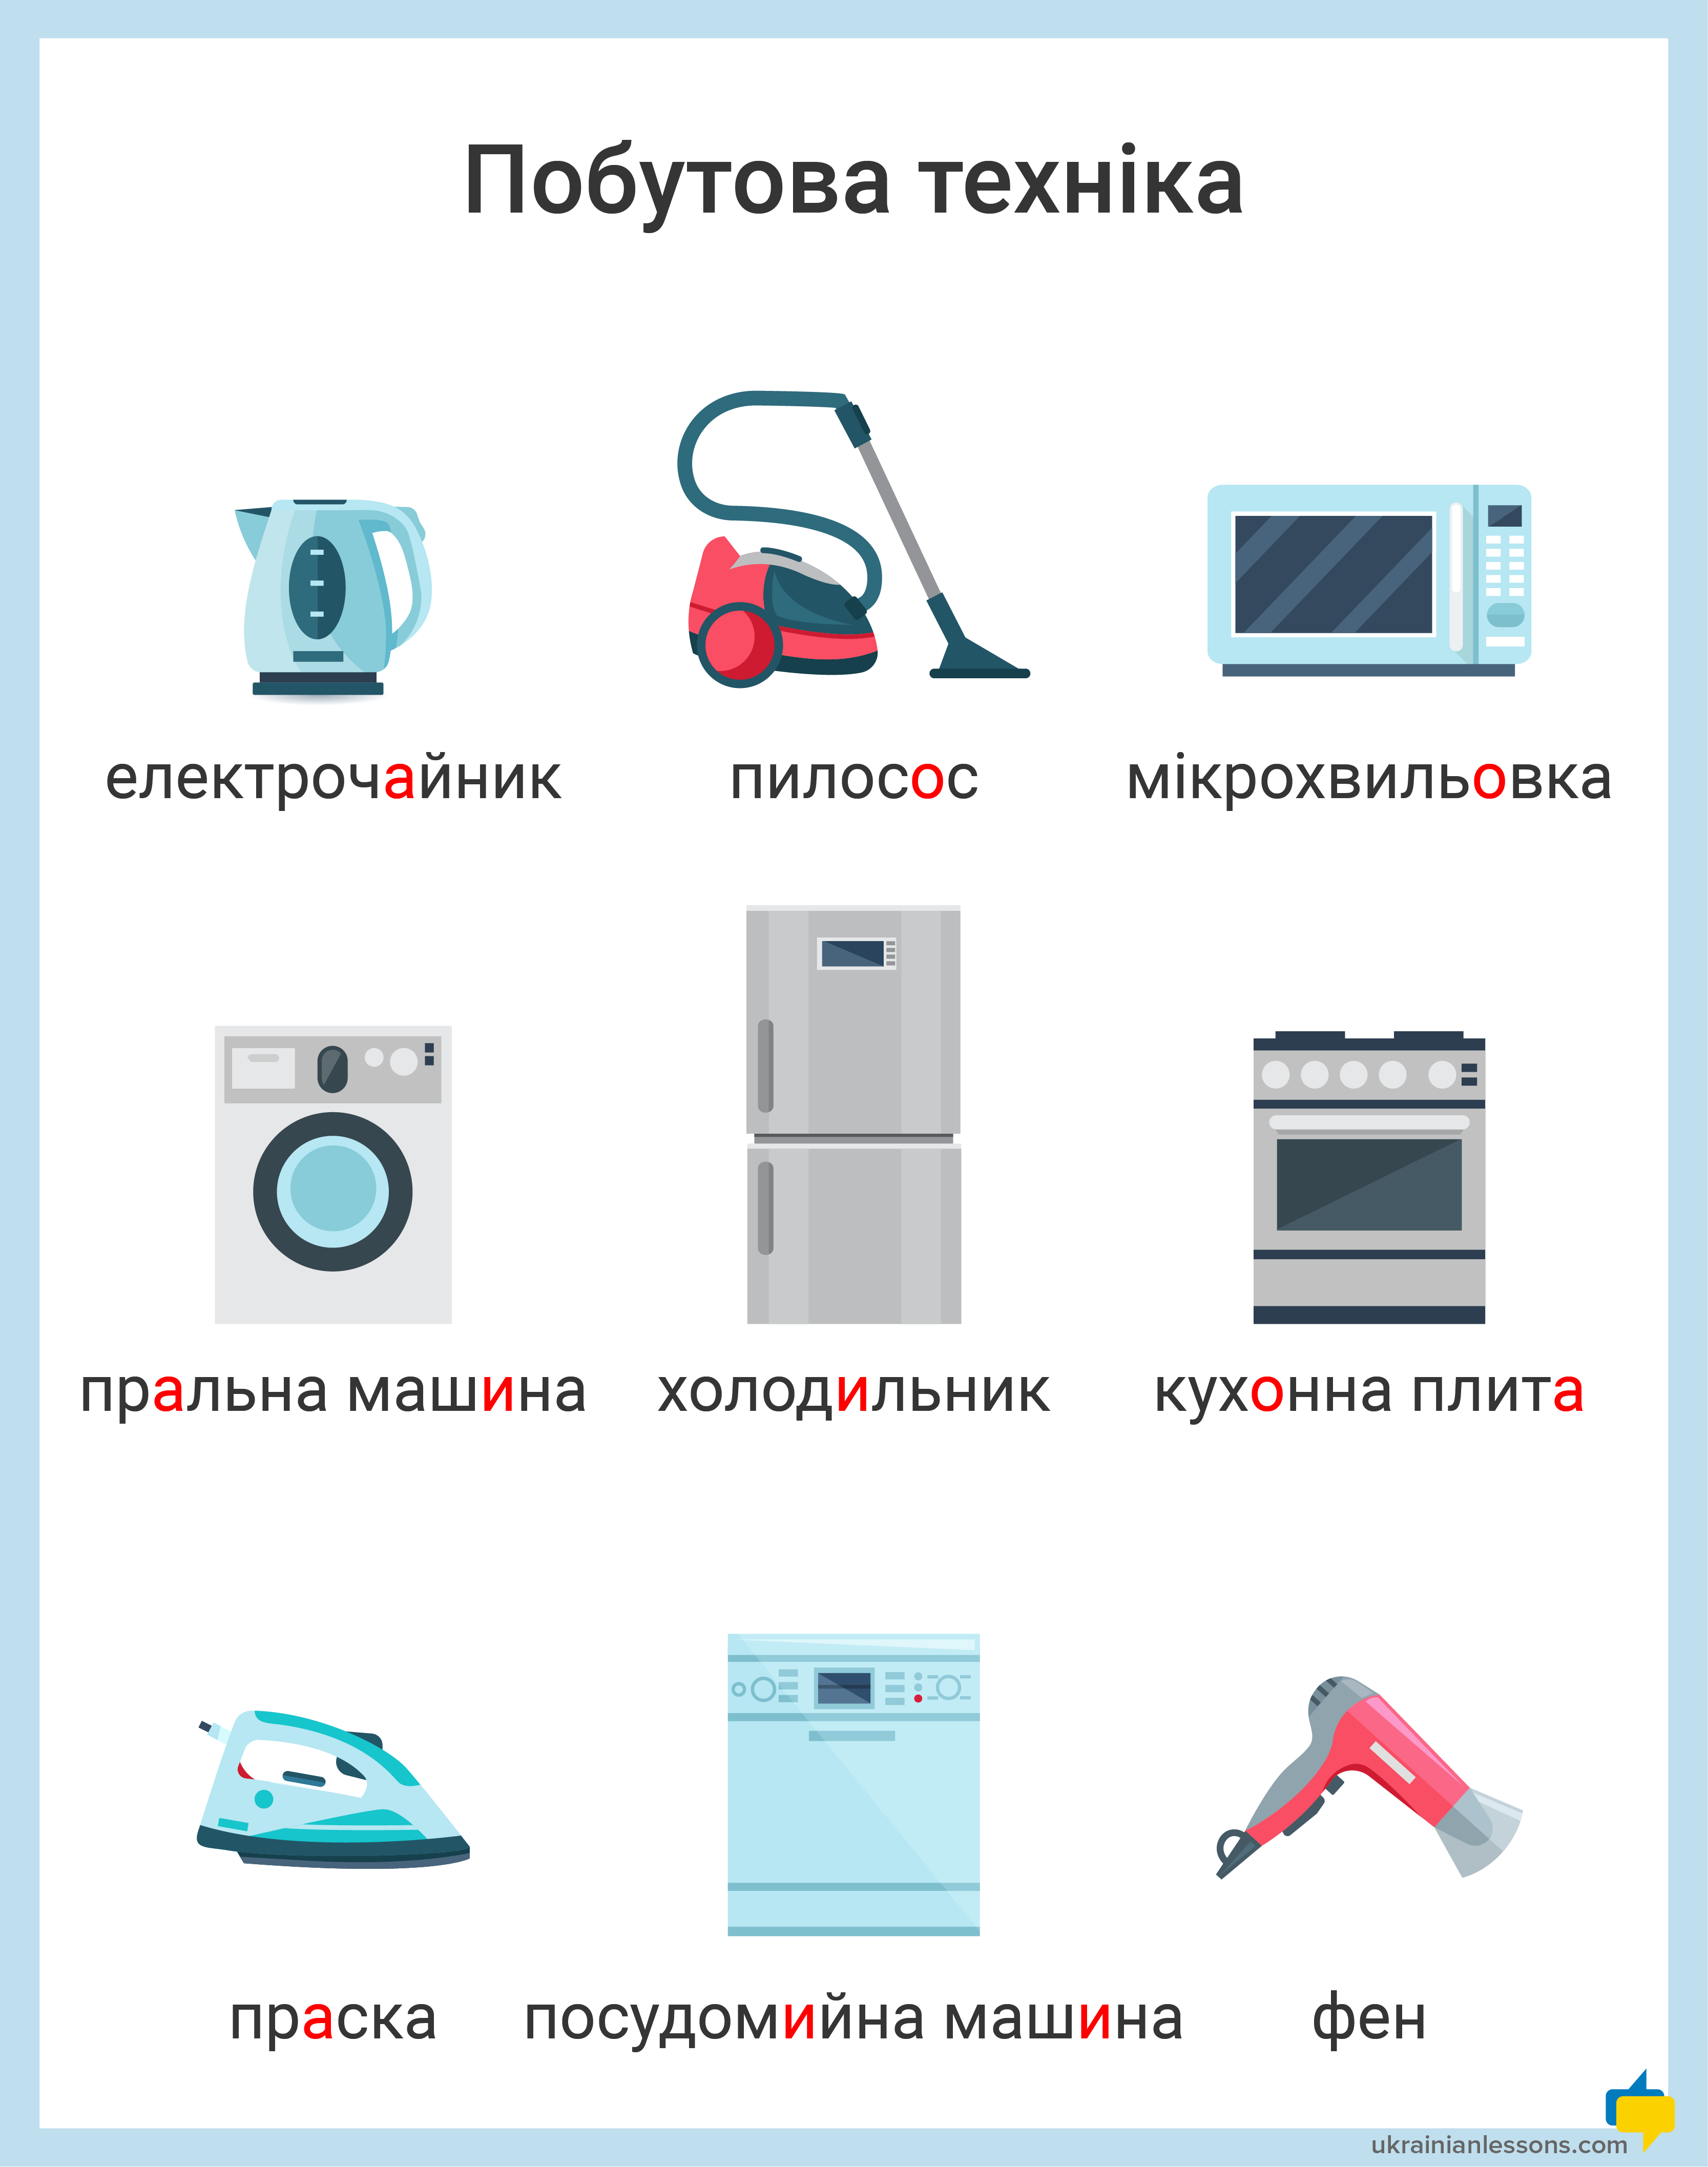 Household appliances in Ukrainian